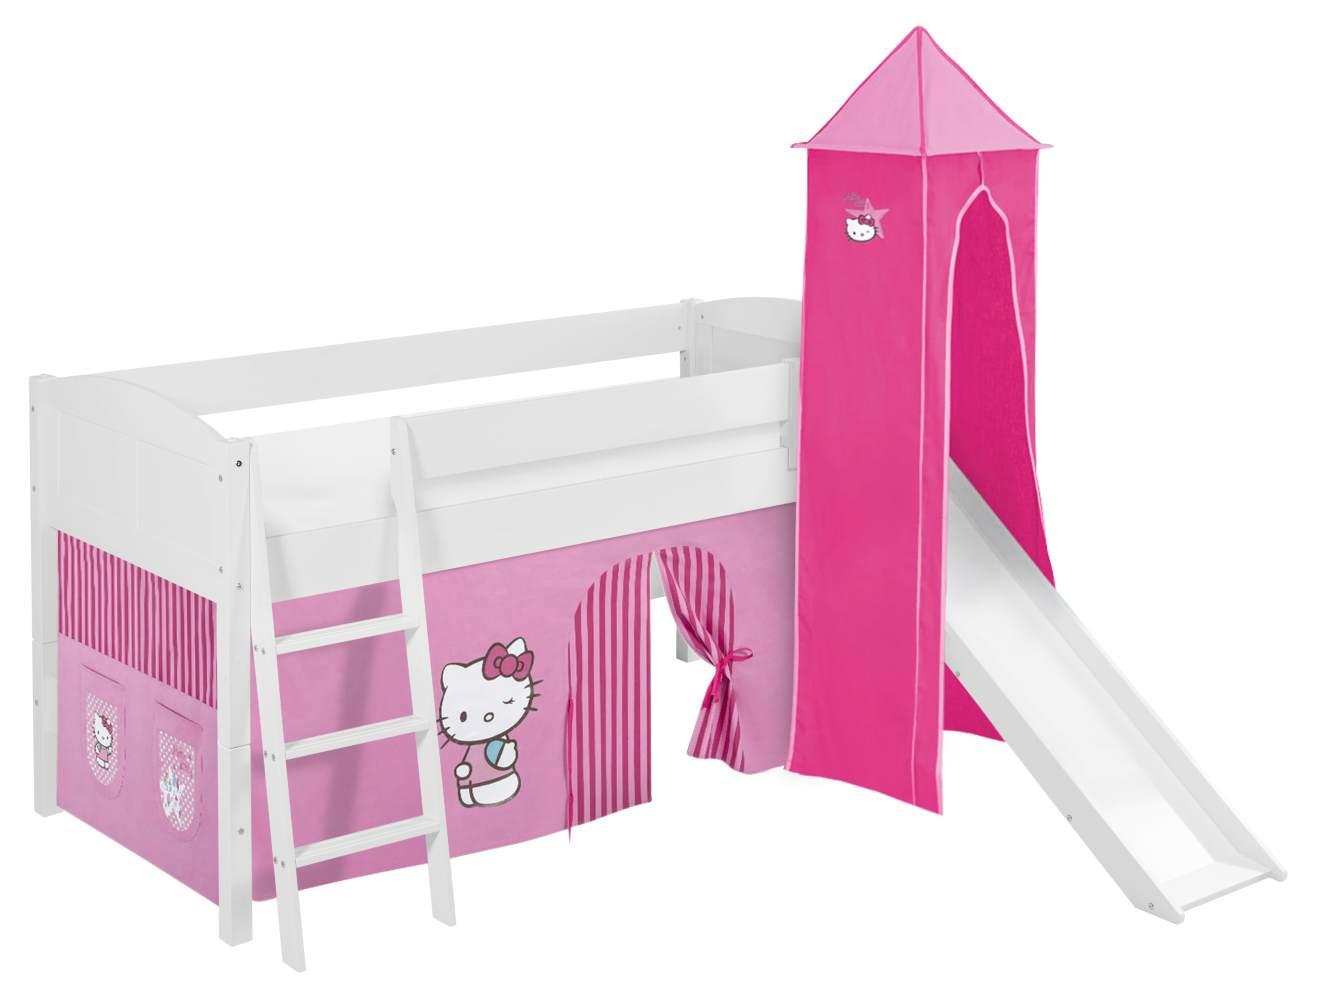 Lilokids 'Ida 4106' Spielbett 90 x 200 cm, Hello Kitty Rosa, Kiefer massiv, mit Turm, Rutsche und Vorhang Bild 1